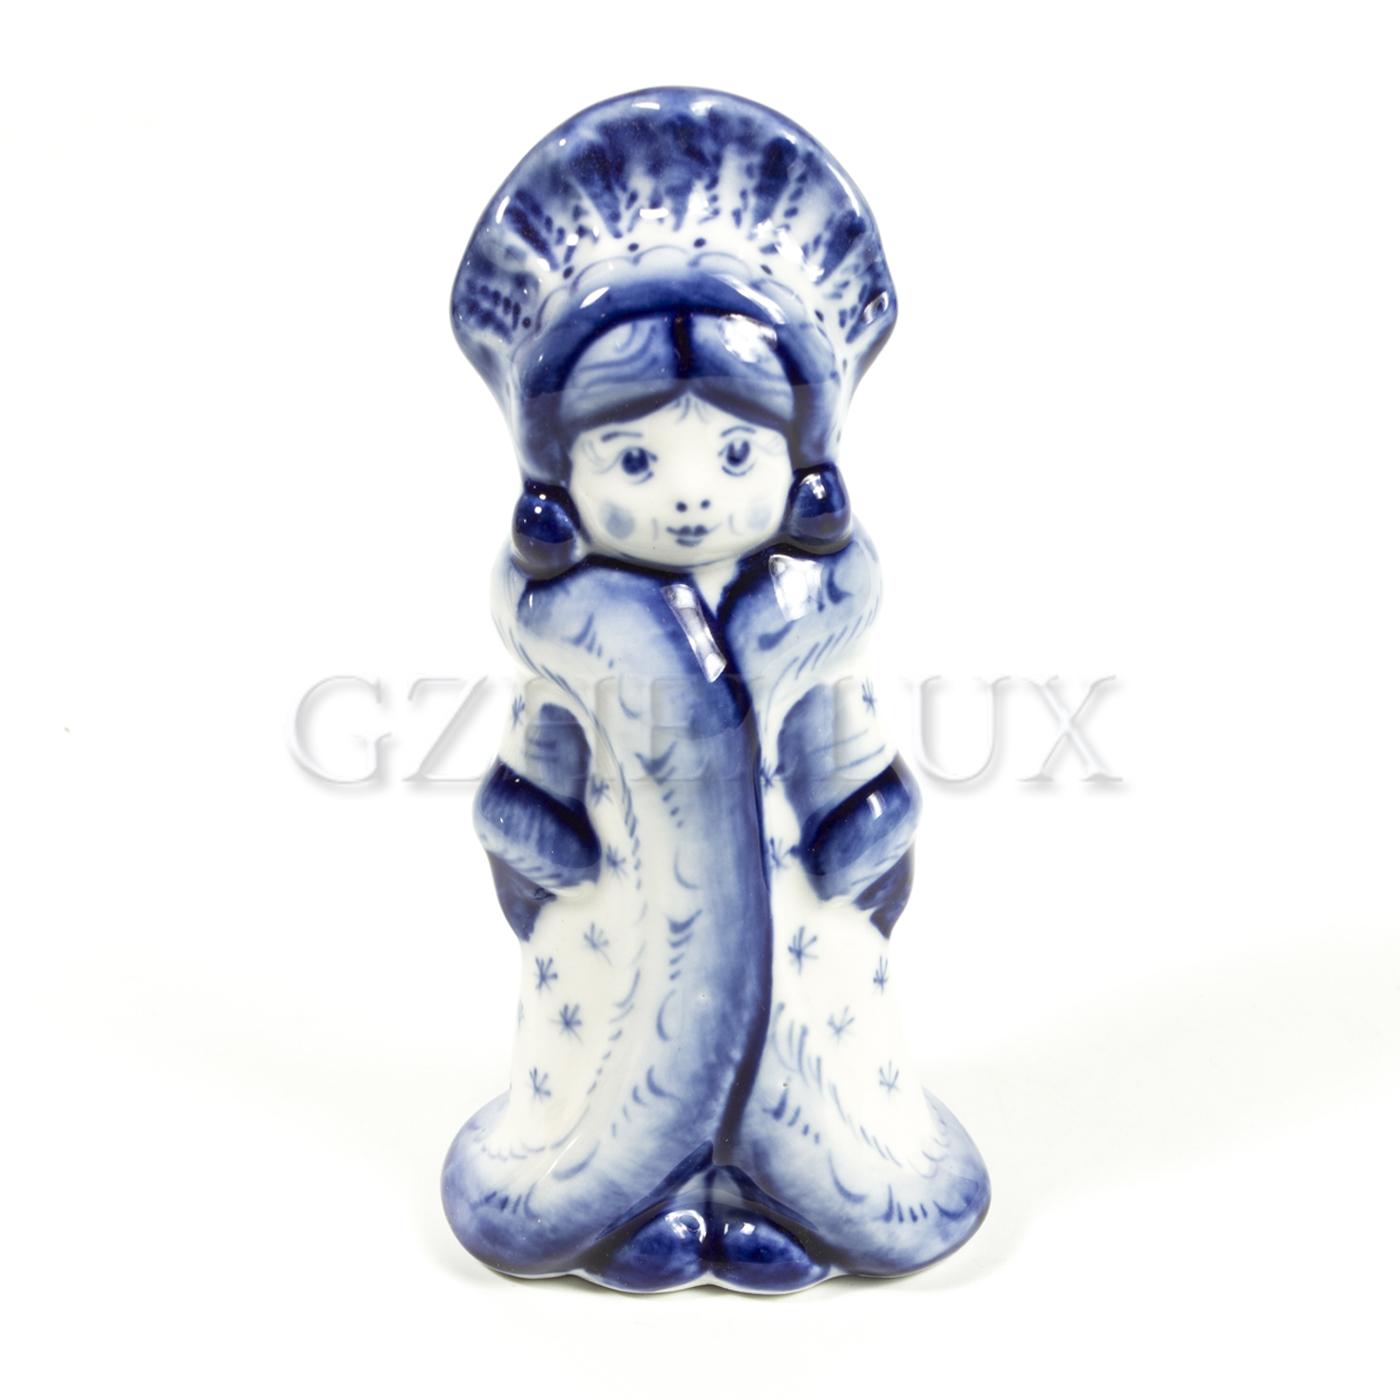 Скульптура «Снегурочка» Даниловская